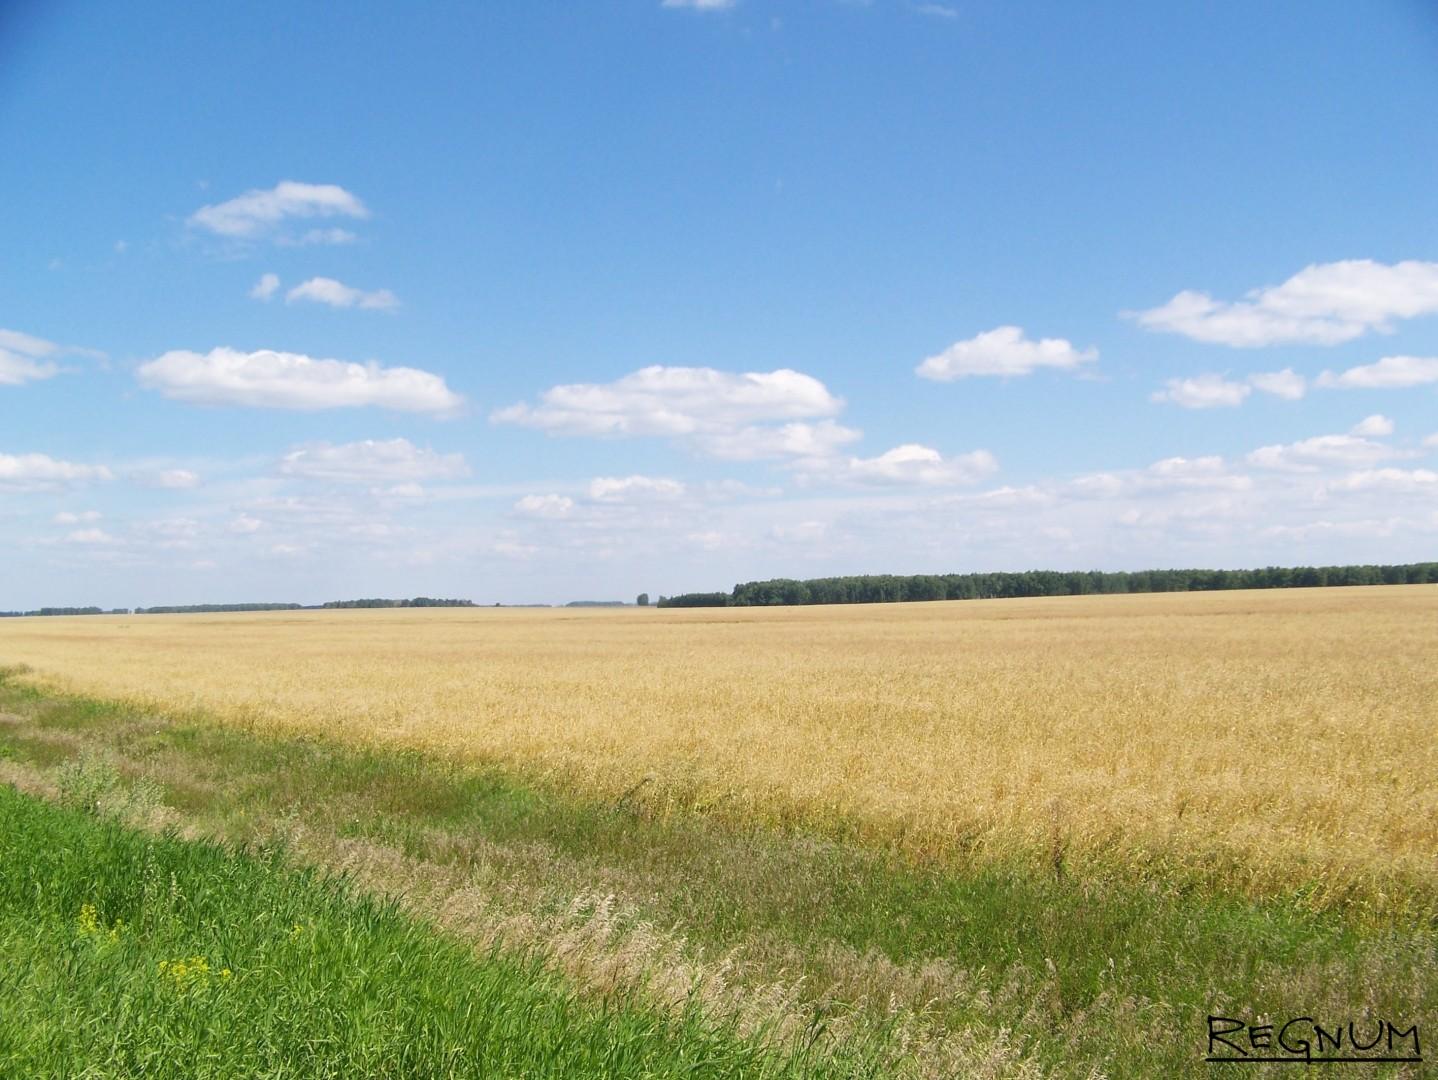 Урожай зерновых в Хабарском районе Алтайского края еще не начали собирать — ждут хорошей погоды